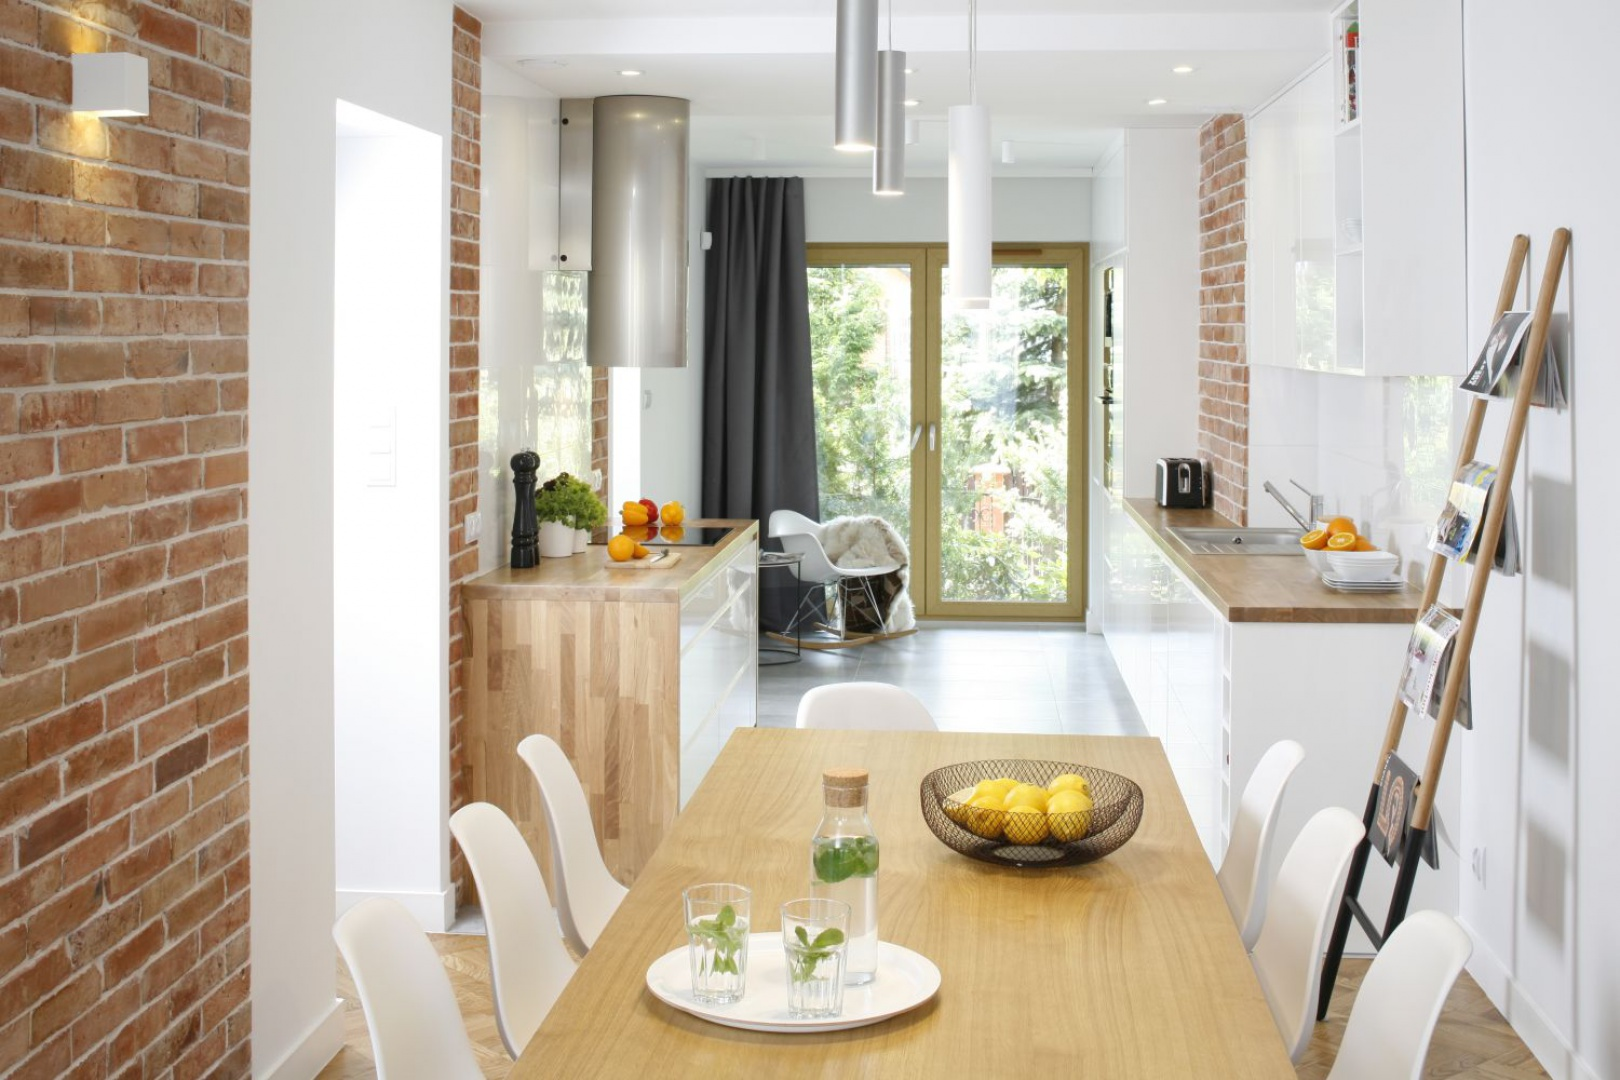 Biała kuchnia z drewnianym Cegła w kuchni Galeria   -> Kuchnia I Cegla